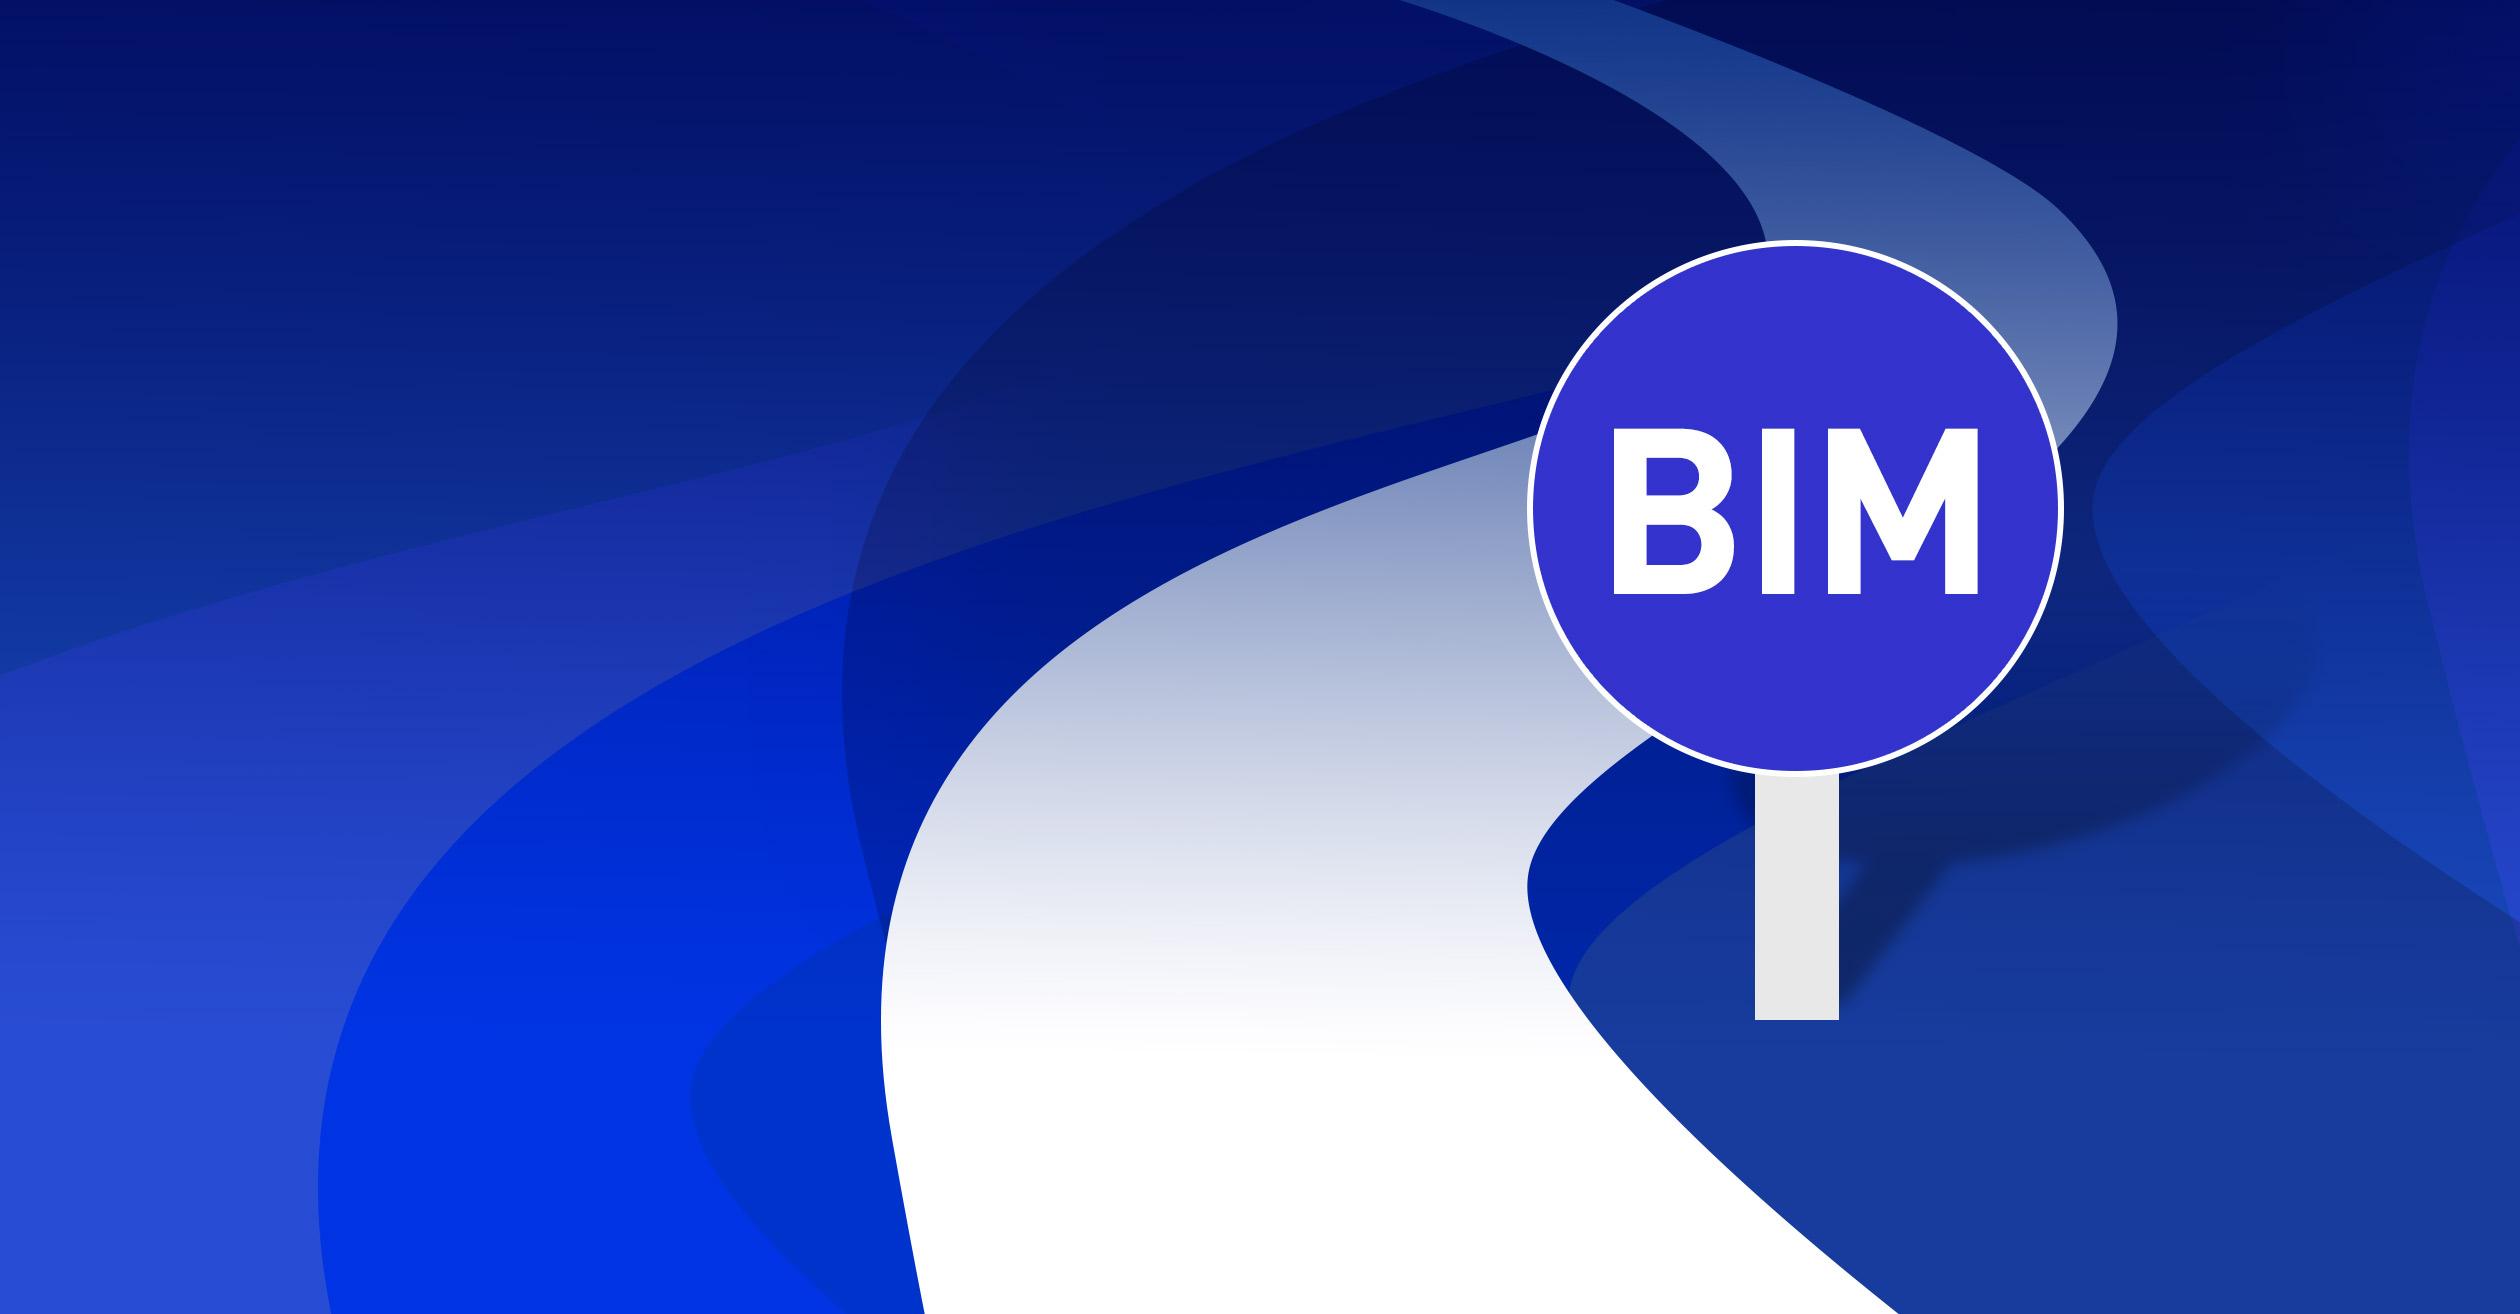 Tre motivi per cui ti conviene iniziare a prendere confidenza con un software BIM già da oggi, senza aspettare il 2025